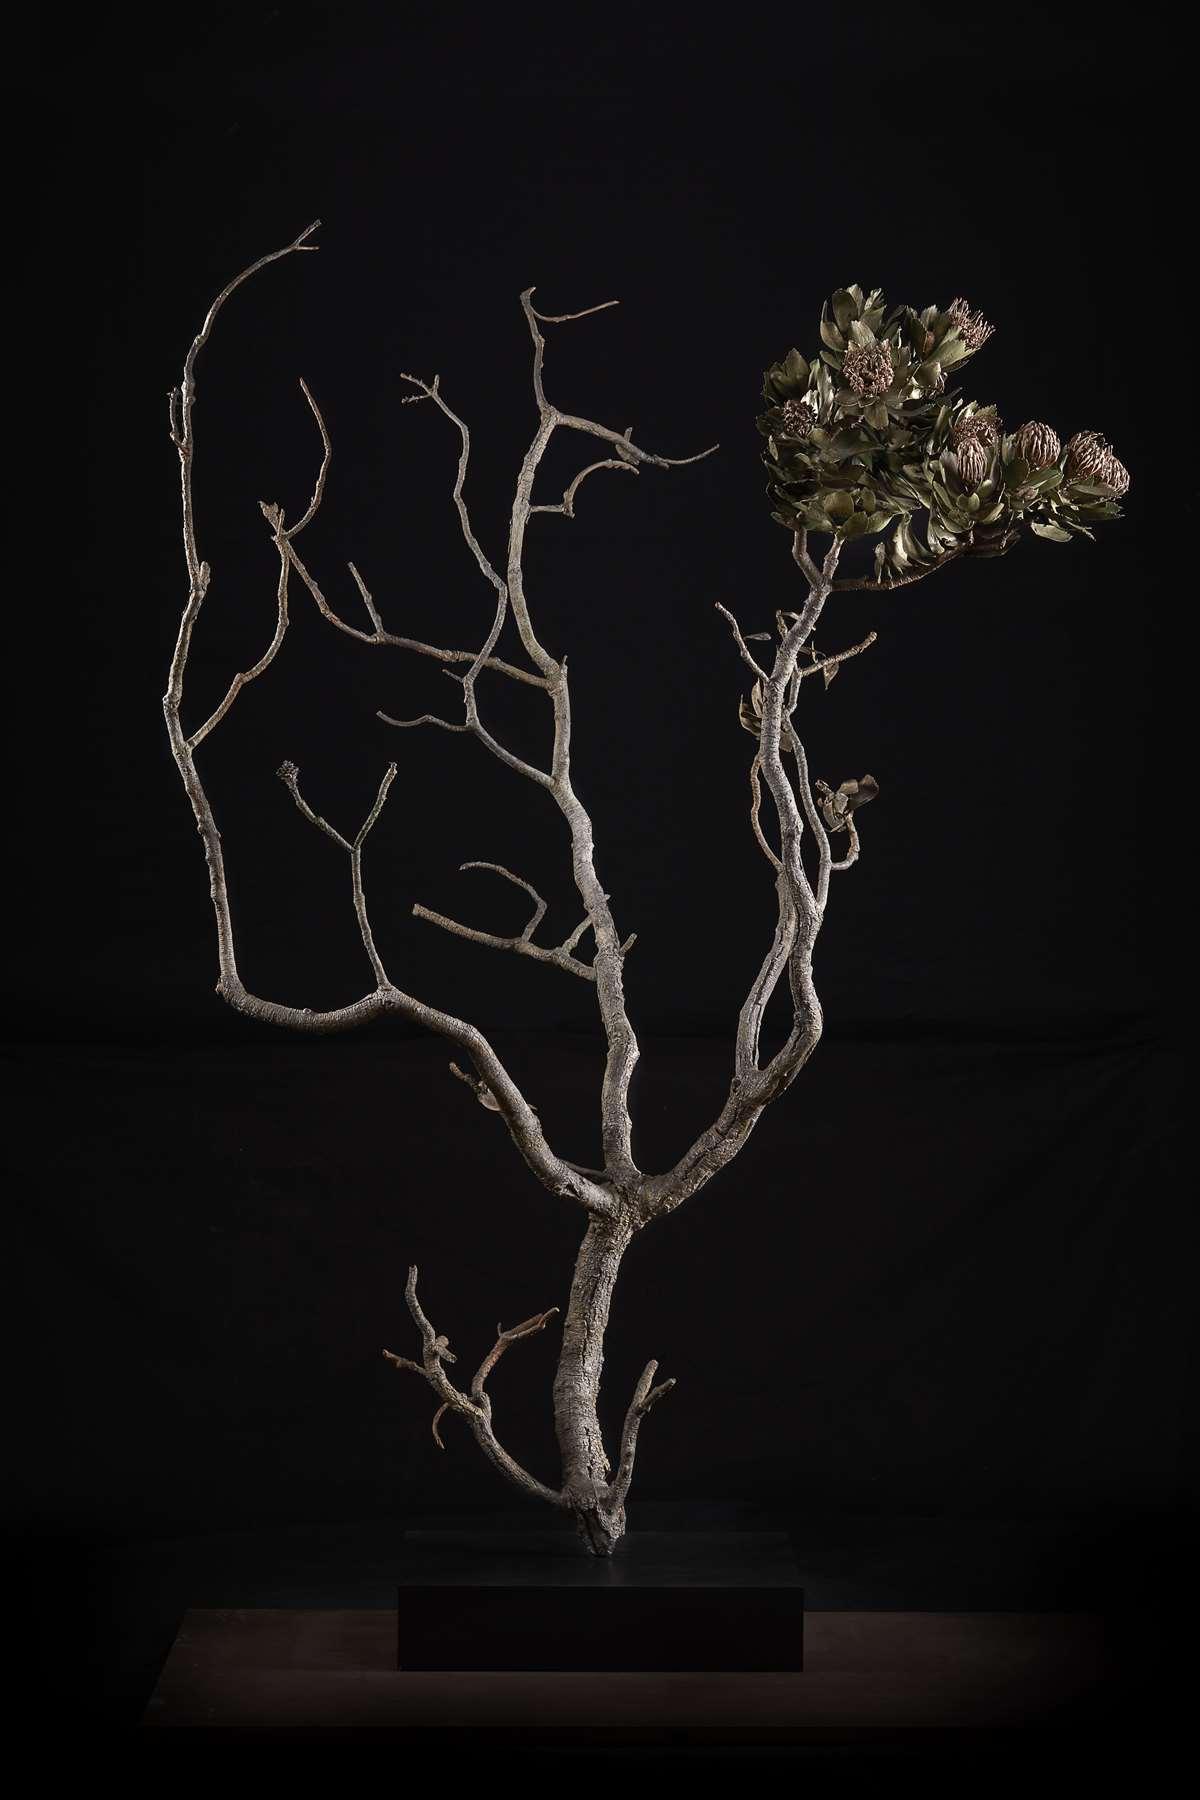 <i>Leucospermum conocarpodendron subsp. conocarpodendron </i>